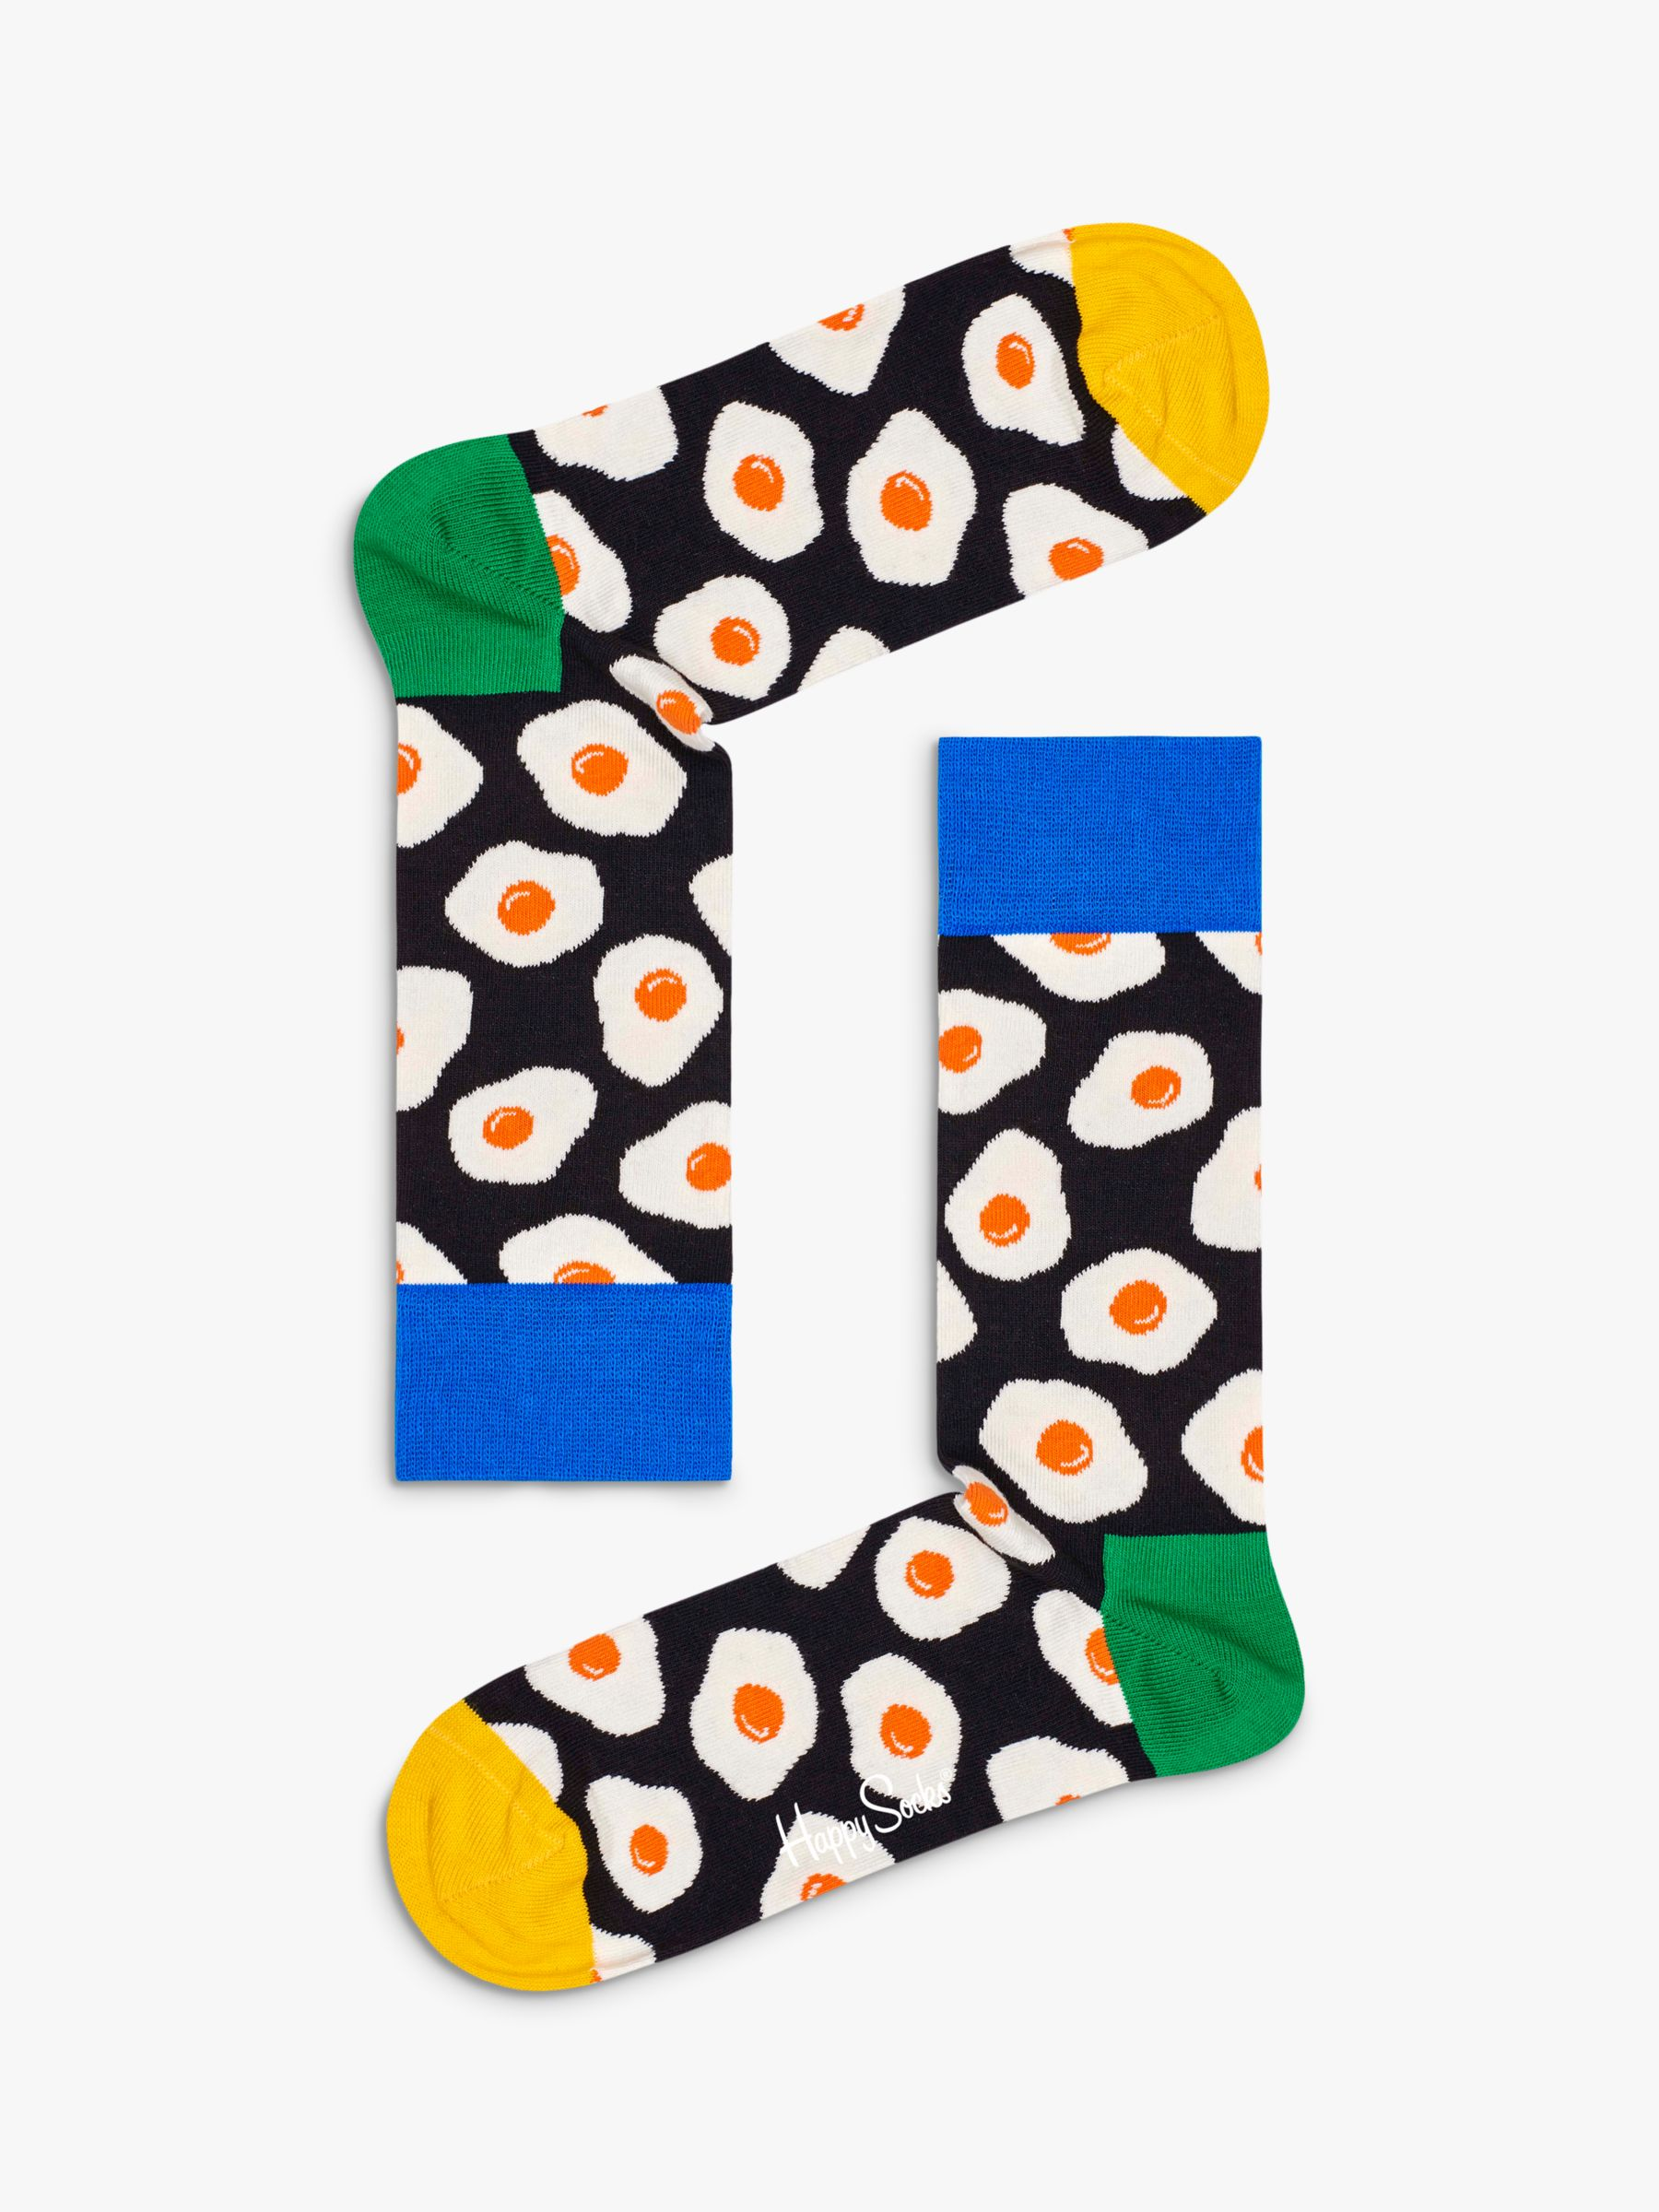 Happy Socks Happy Socks Sunny Side Up Socks, One Size, Black/Multi